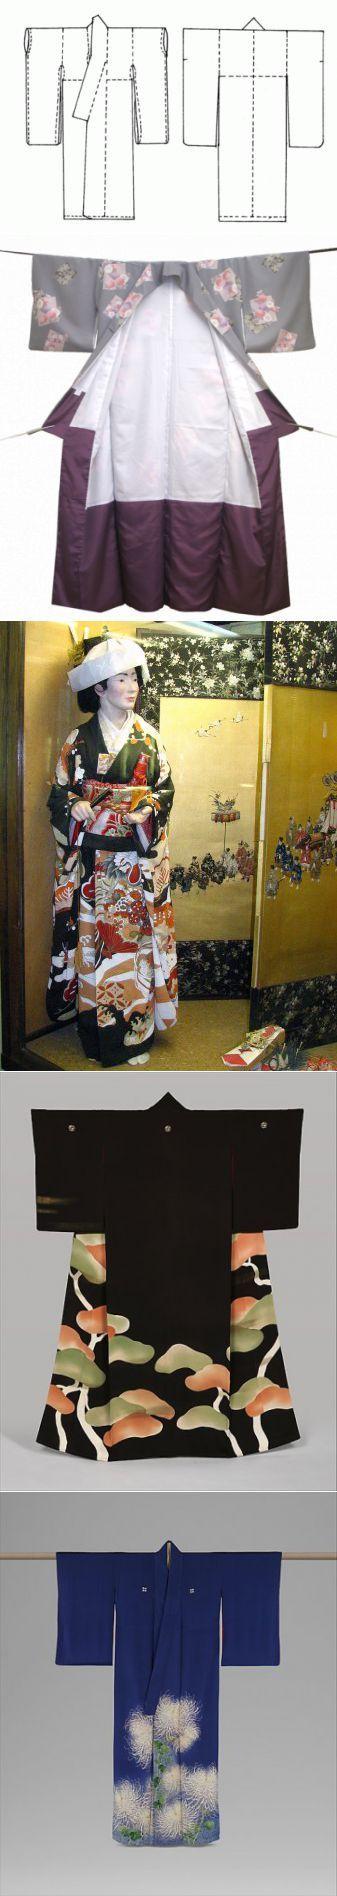 Как сшить японское халат - кимоно своими руками: выкройка и история со� | Hand made_Рукоделие. Сделай сам! | Постила